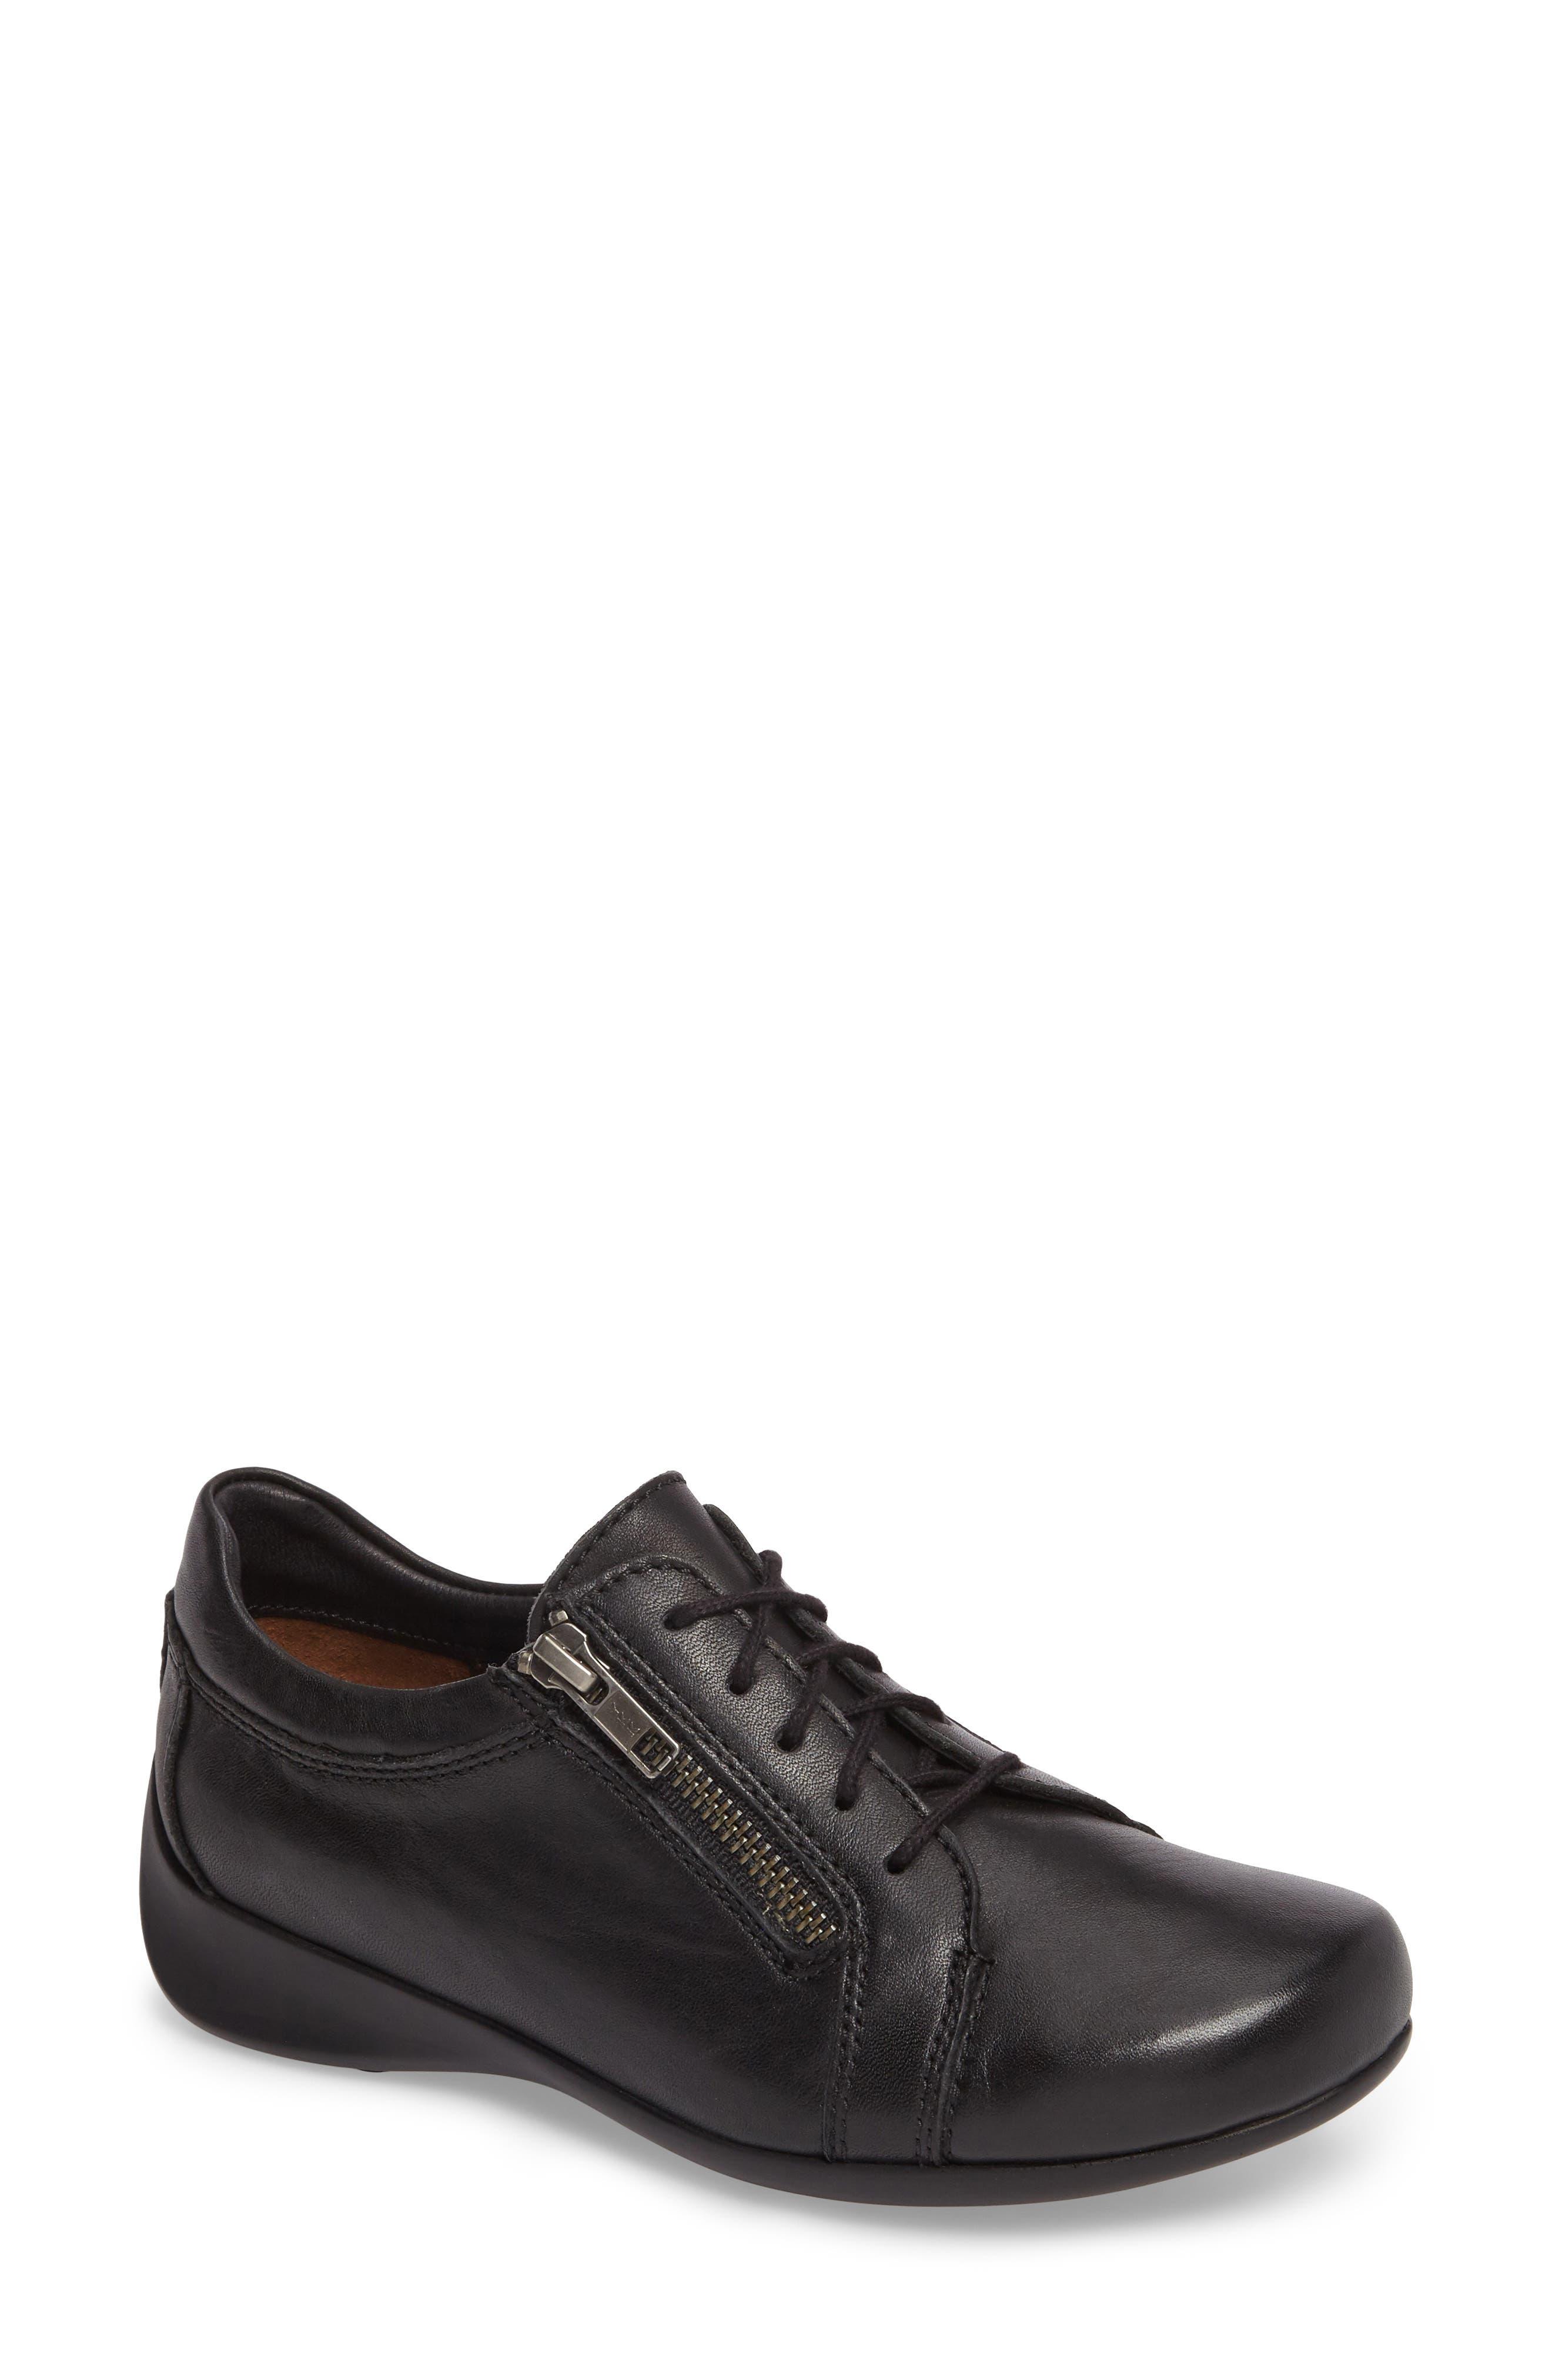 Bonnie Sneaker,                             Main thumbnail 1, color,                             Black Leather